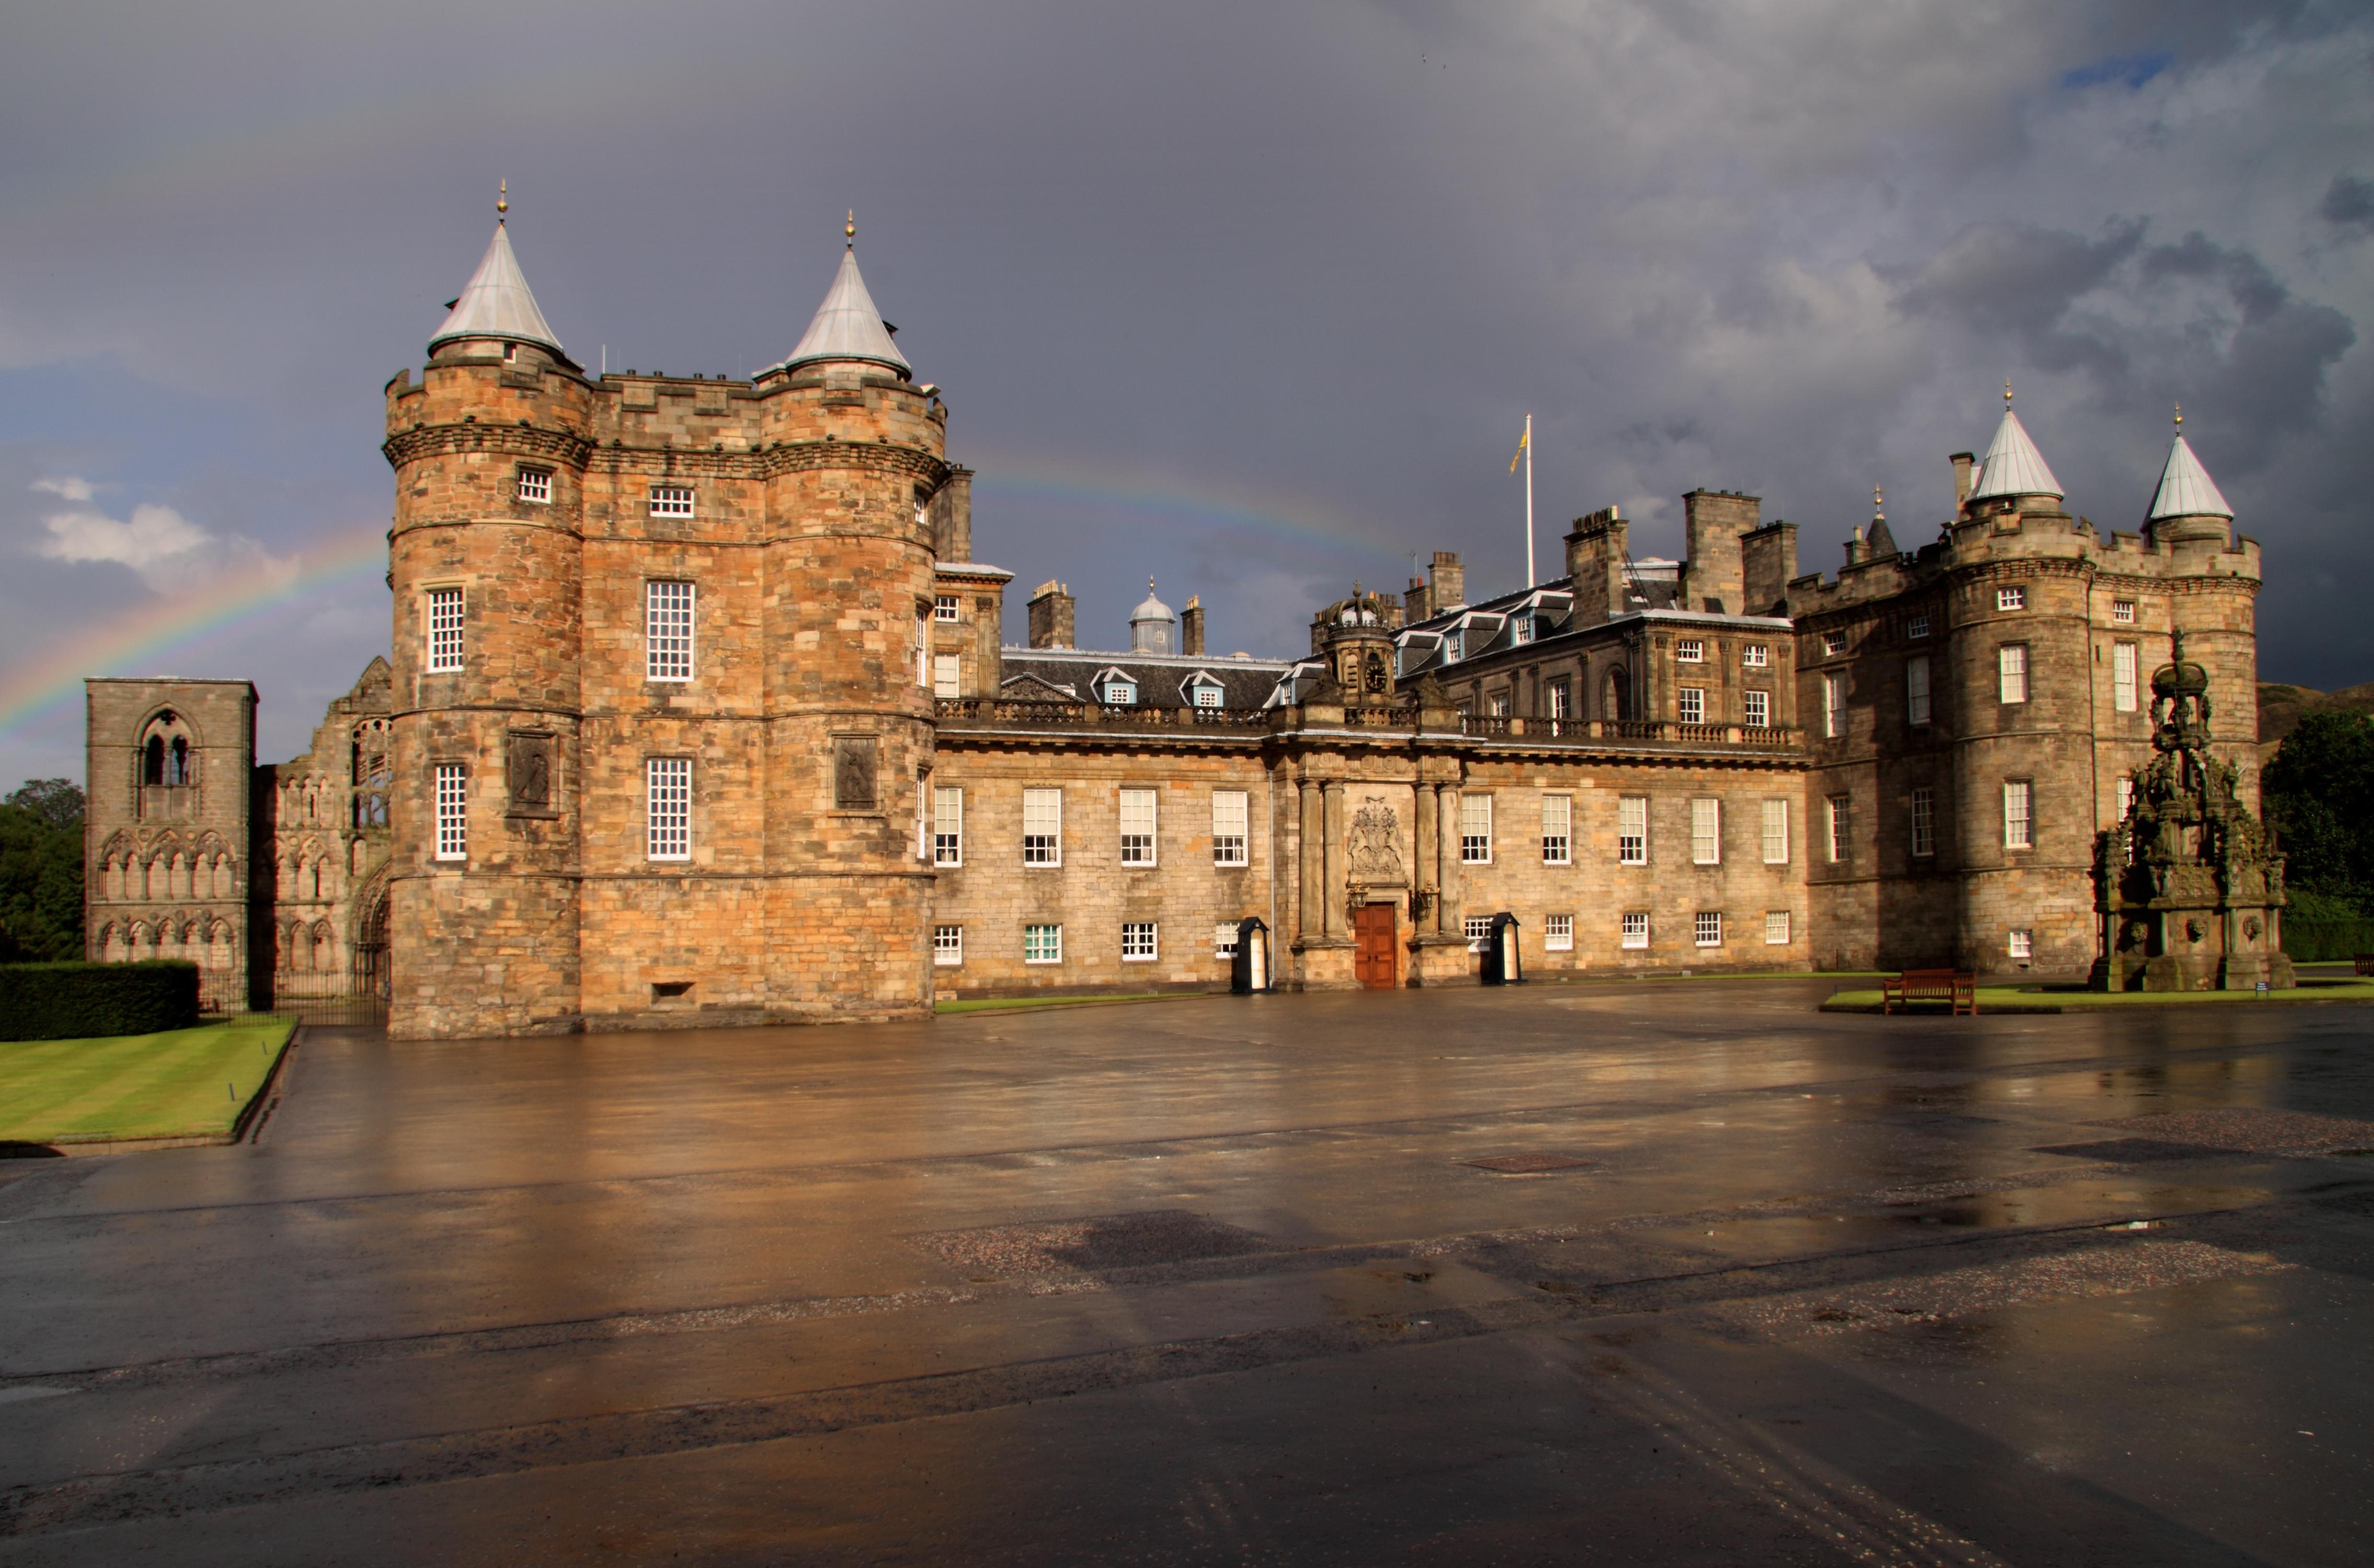 holyrood_house_castle_edinburgh_scotland